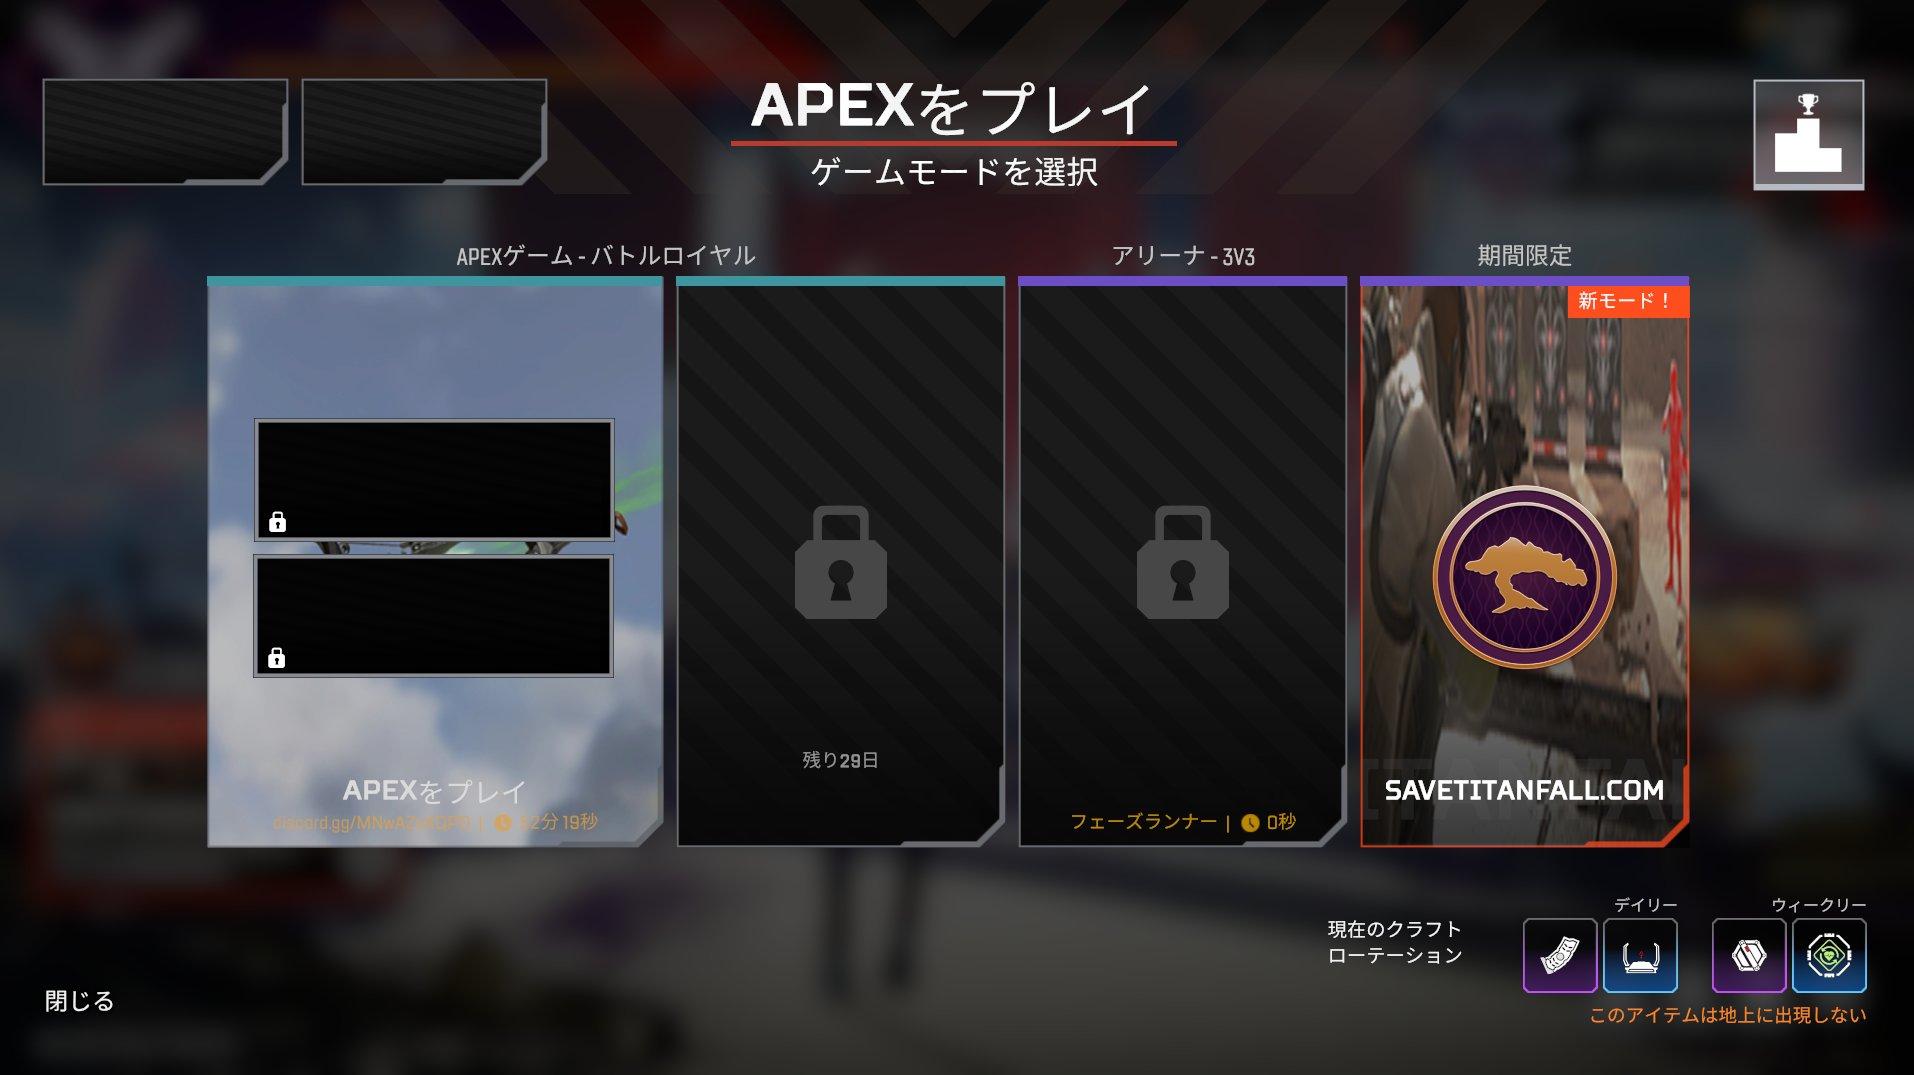 【APEX】ゲームモードが全てハッキングされて「マッチ検索」ができなかった問題が無事修正される